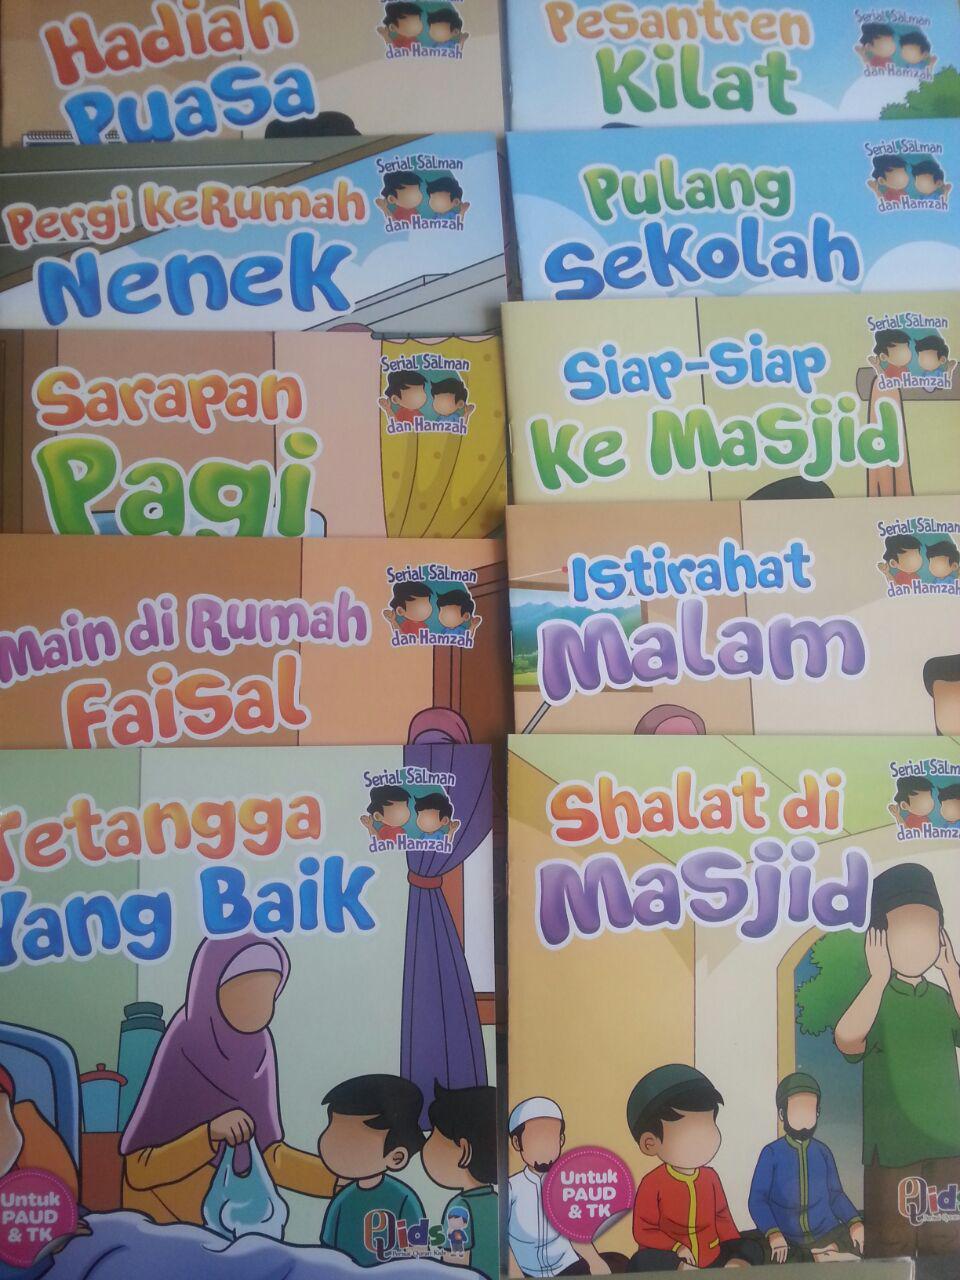 Buku Anak Serial Salman Dan Hamzah cover